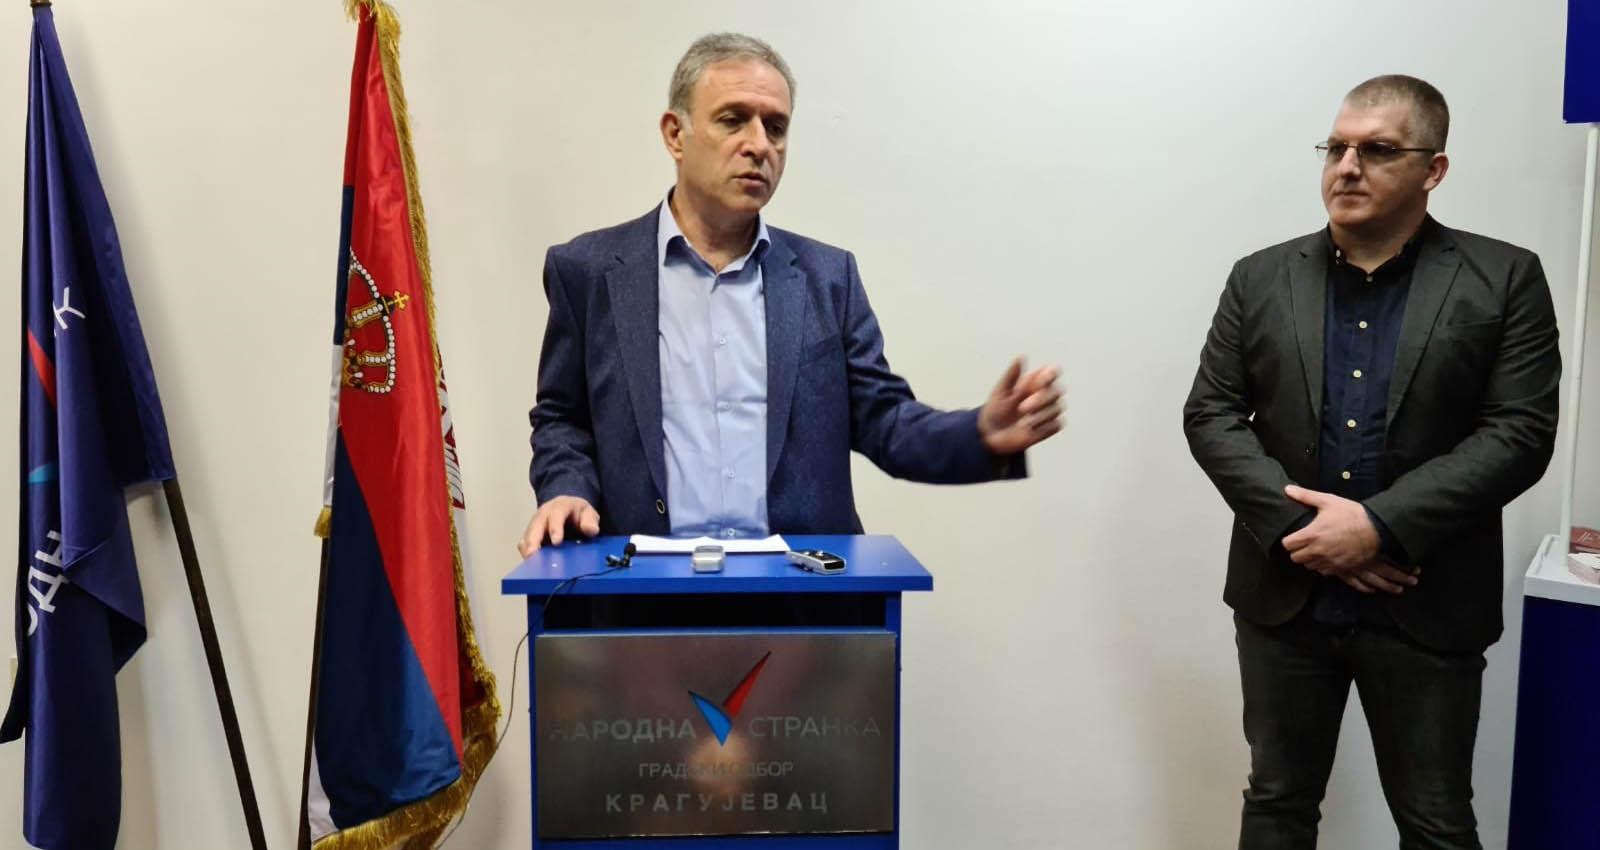 Понош: Лажни избори 21. јуна једини на којима ће се гласати ногама